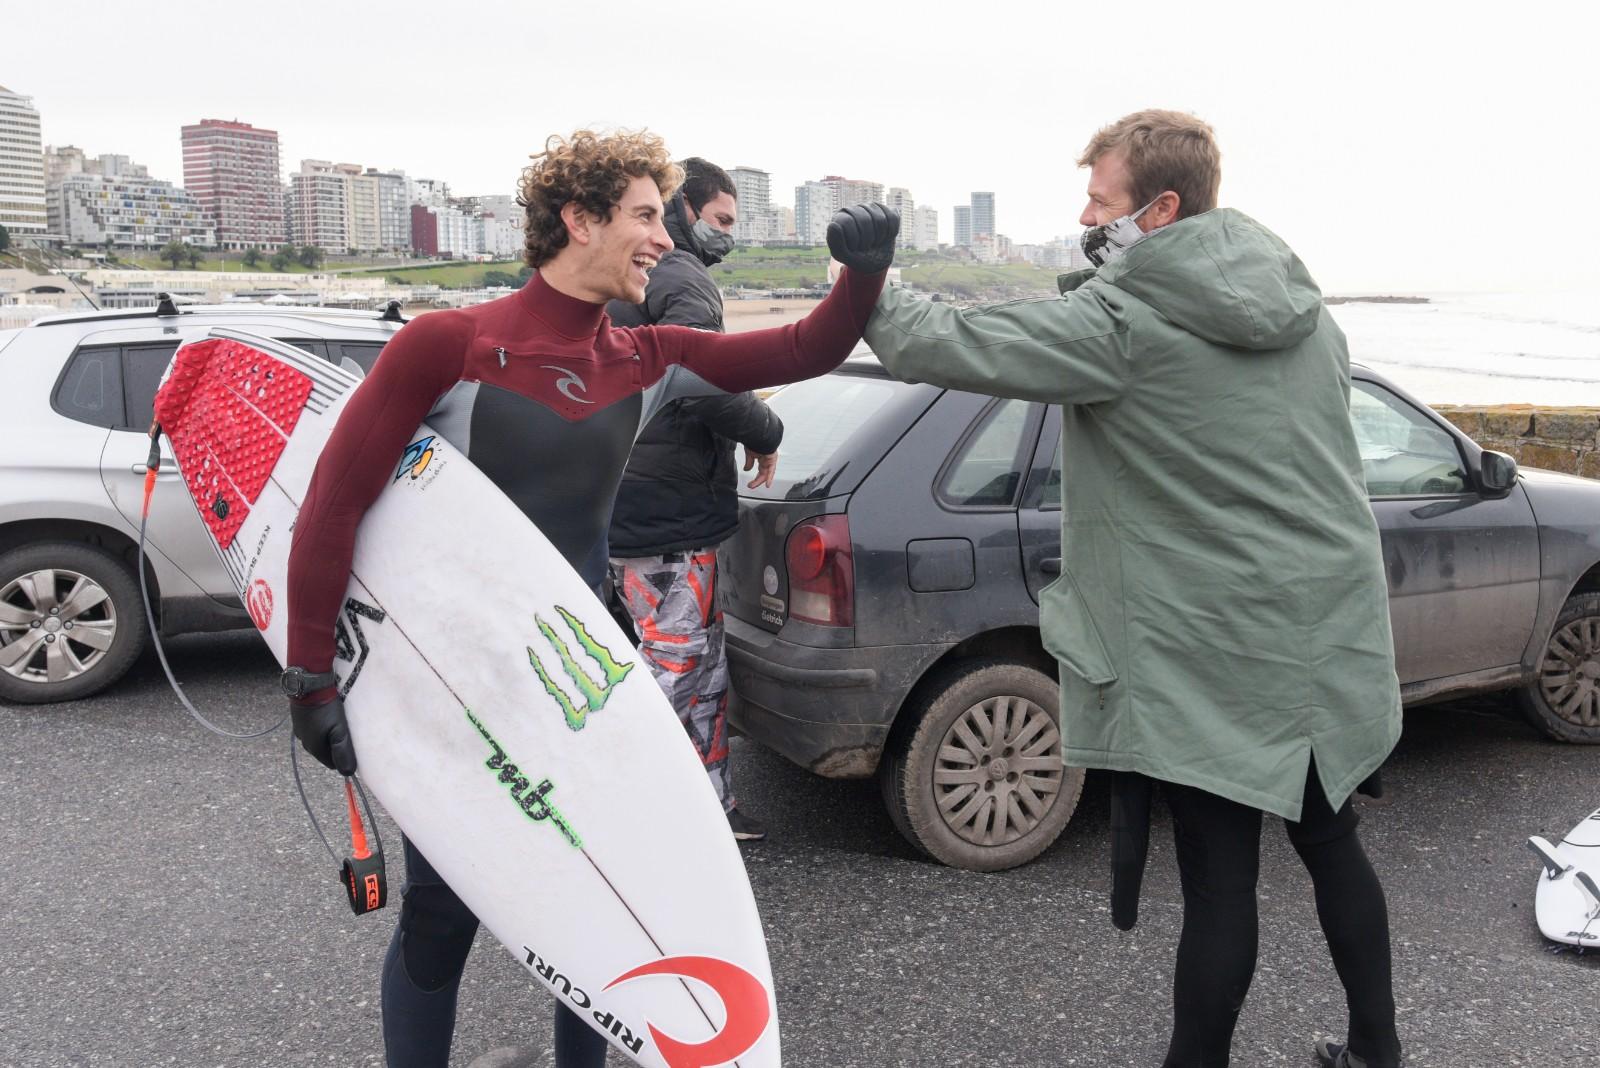 La alegría de los surfers y el saludo con el codo: la nuevas costumbres que van quedando de la pandemia.